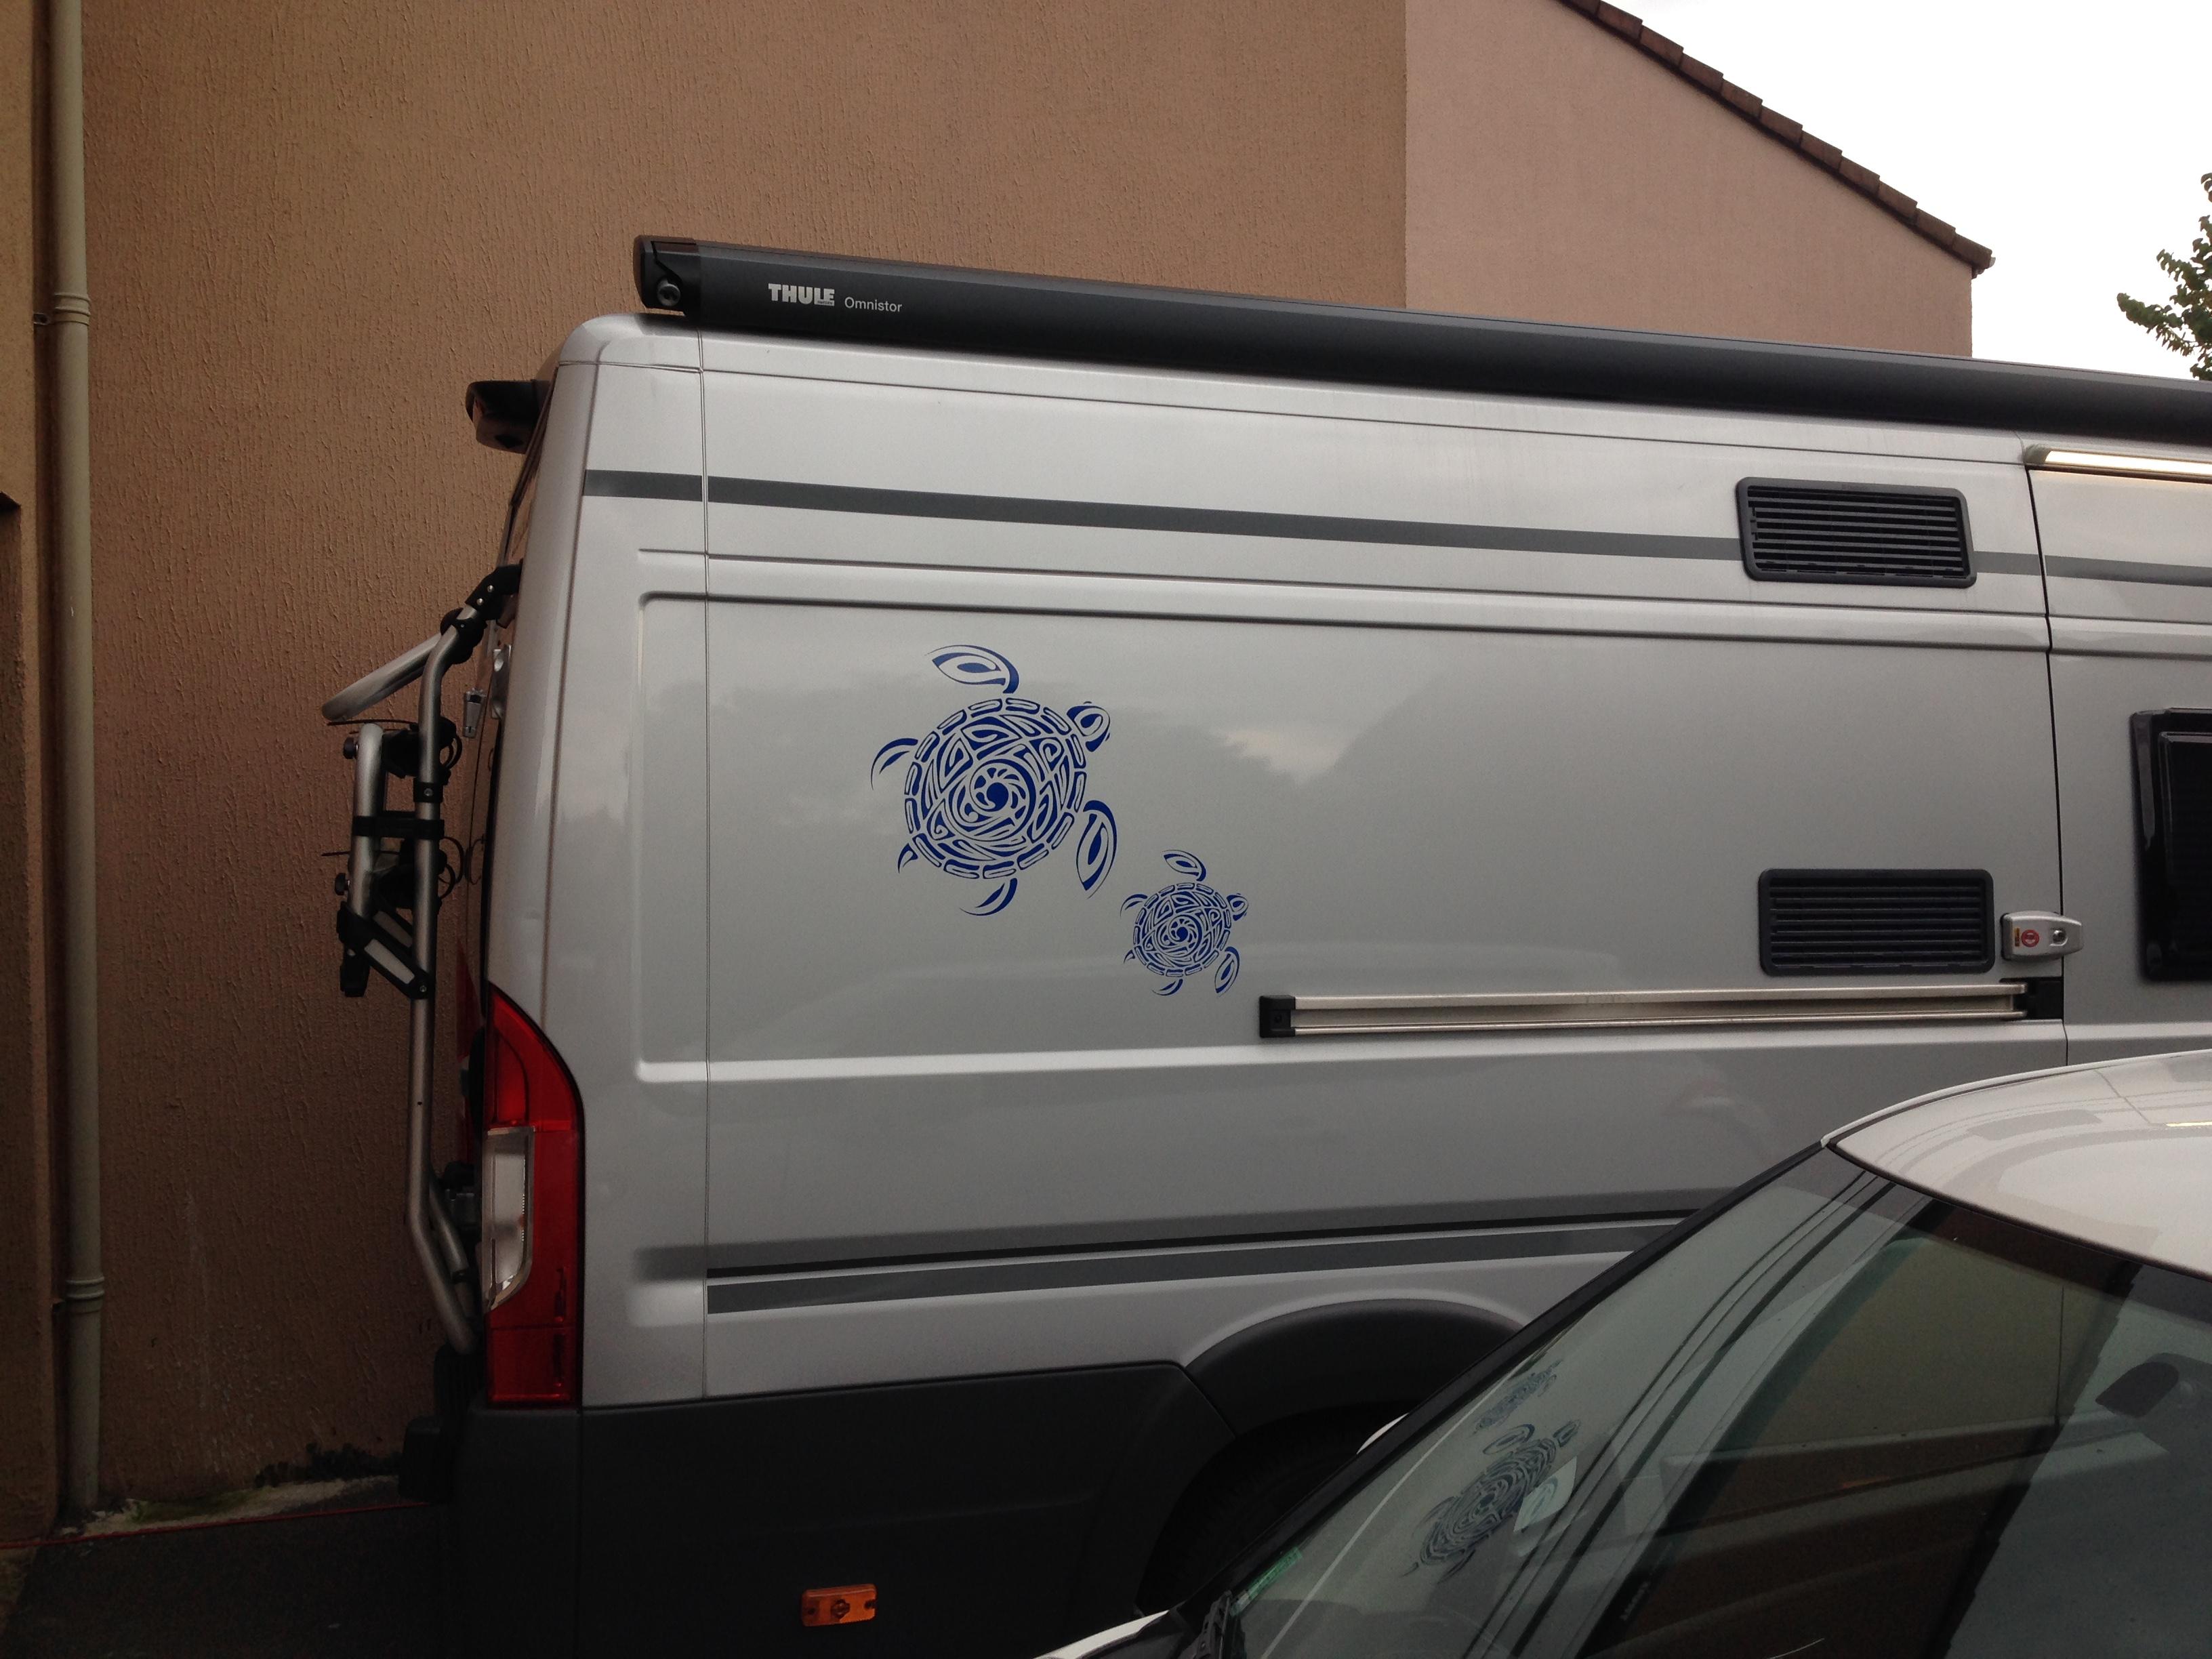 Verrous Van Lock Thule porte latérale 145464IMG25622